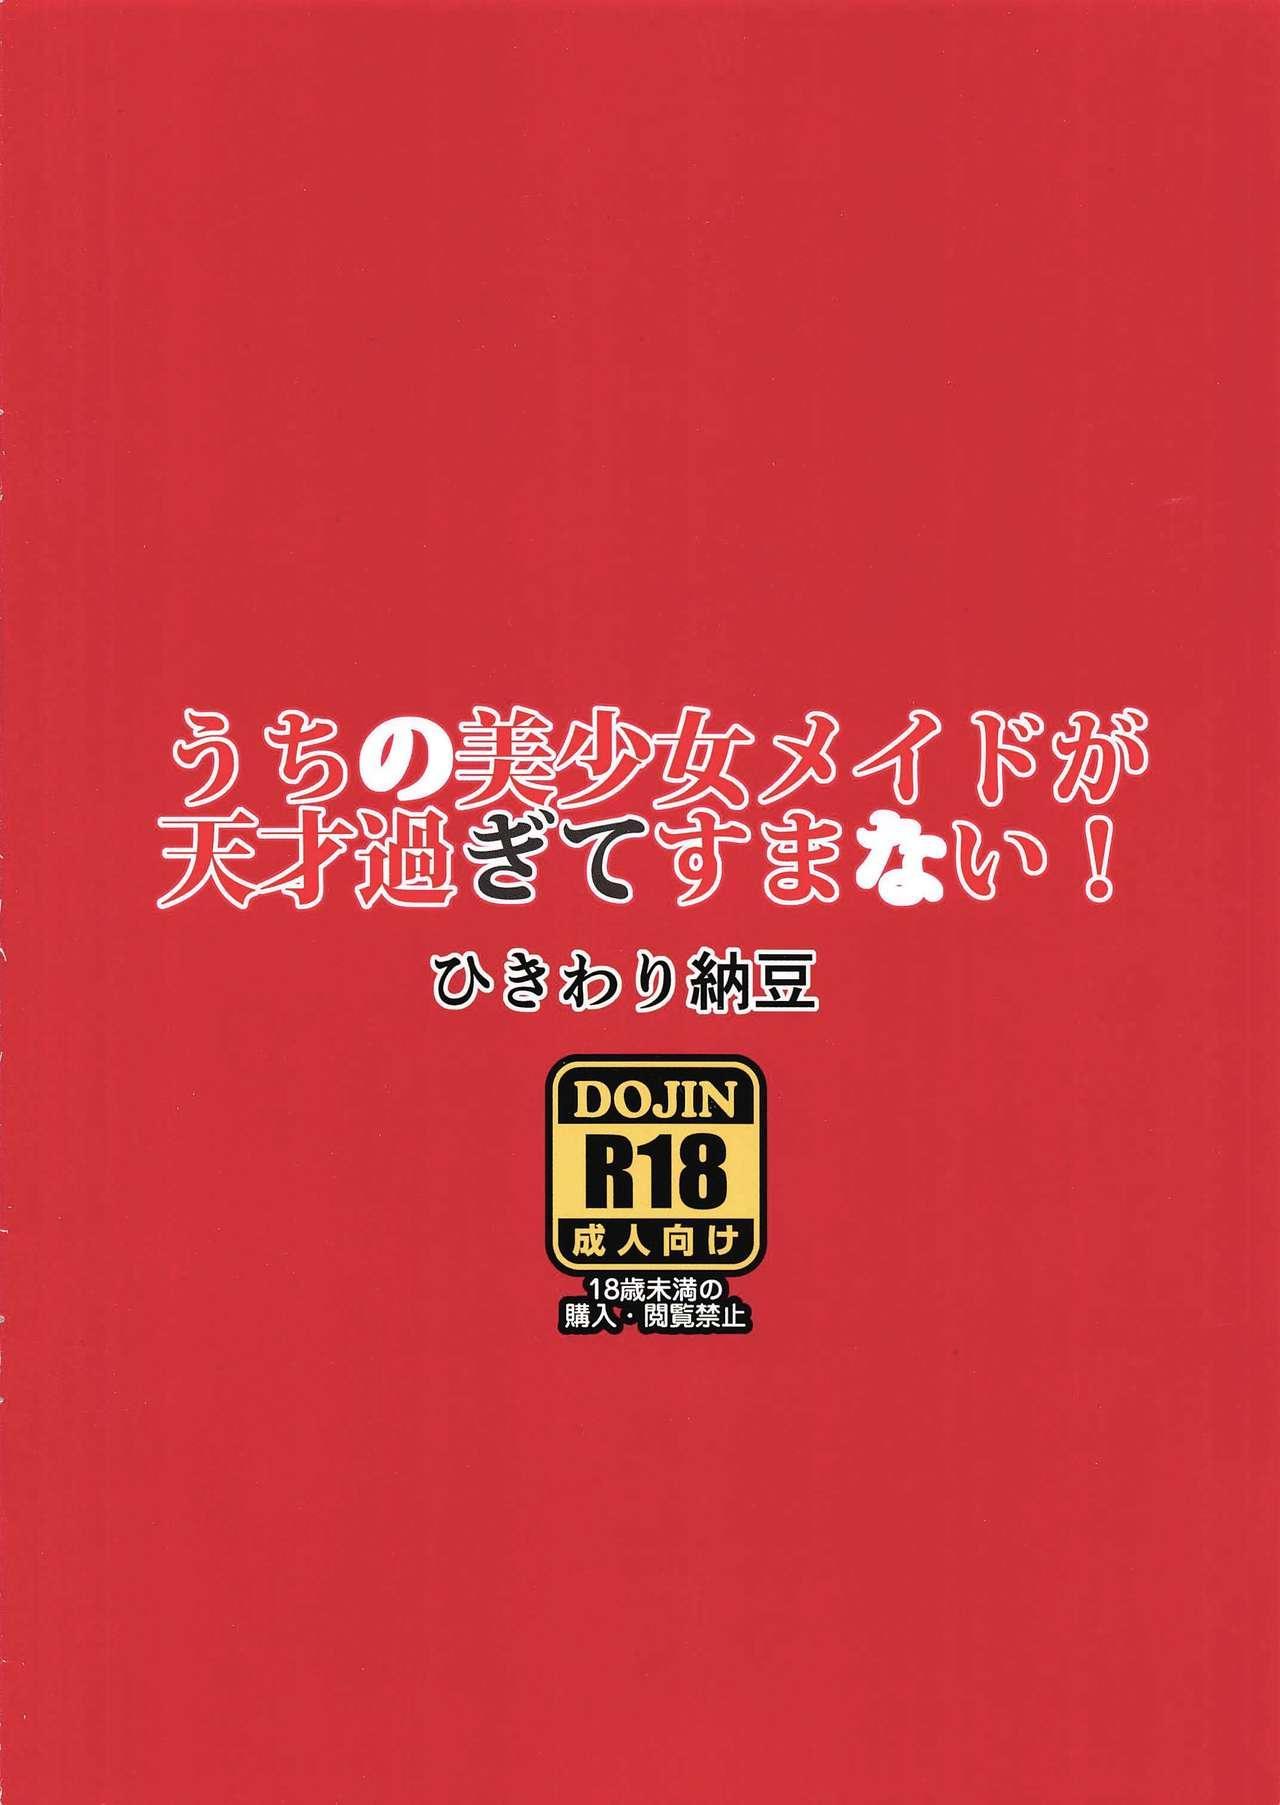 Uchi no Bishoujo Maid ga Tensai Sugite Sumanai! 10